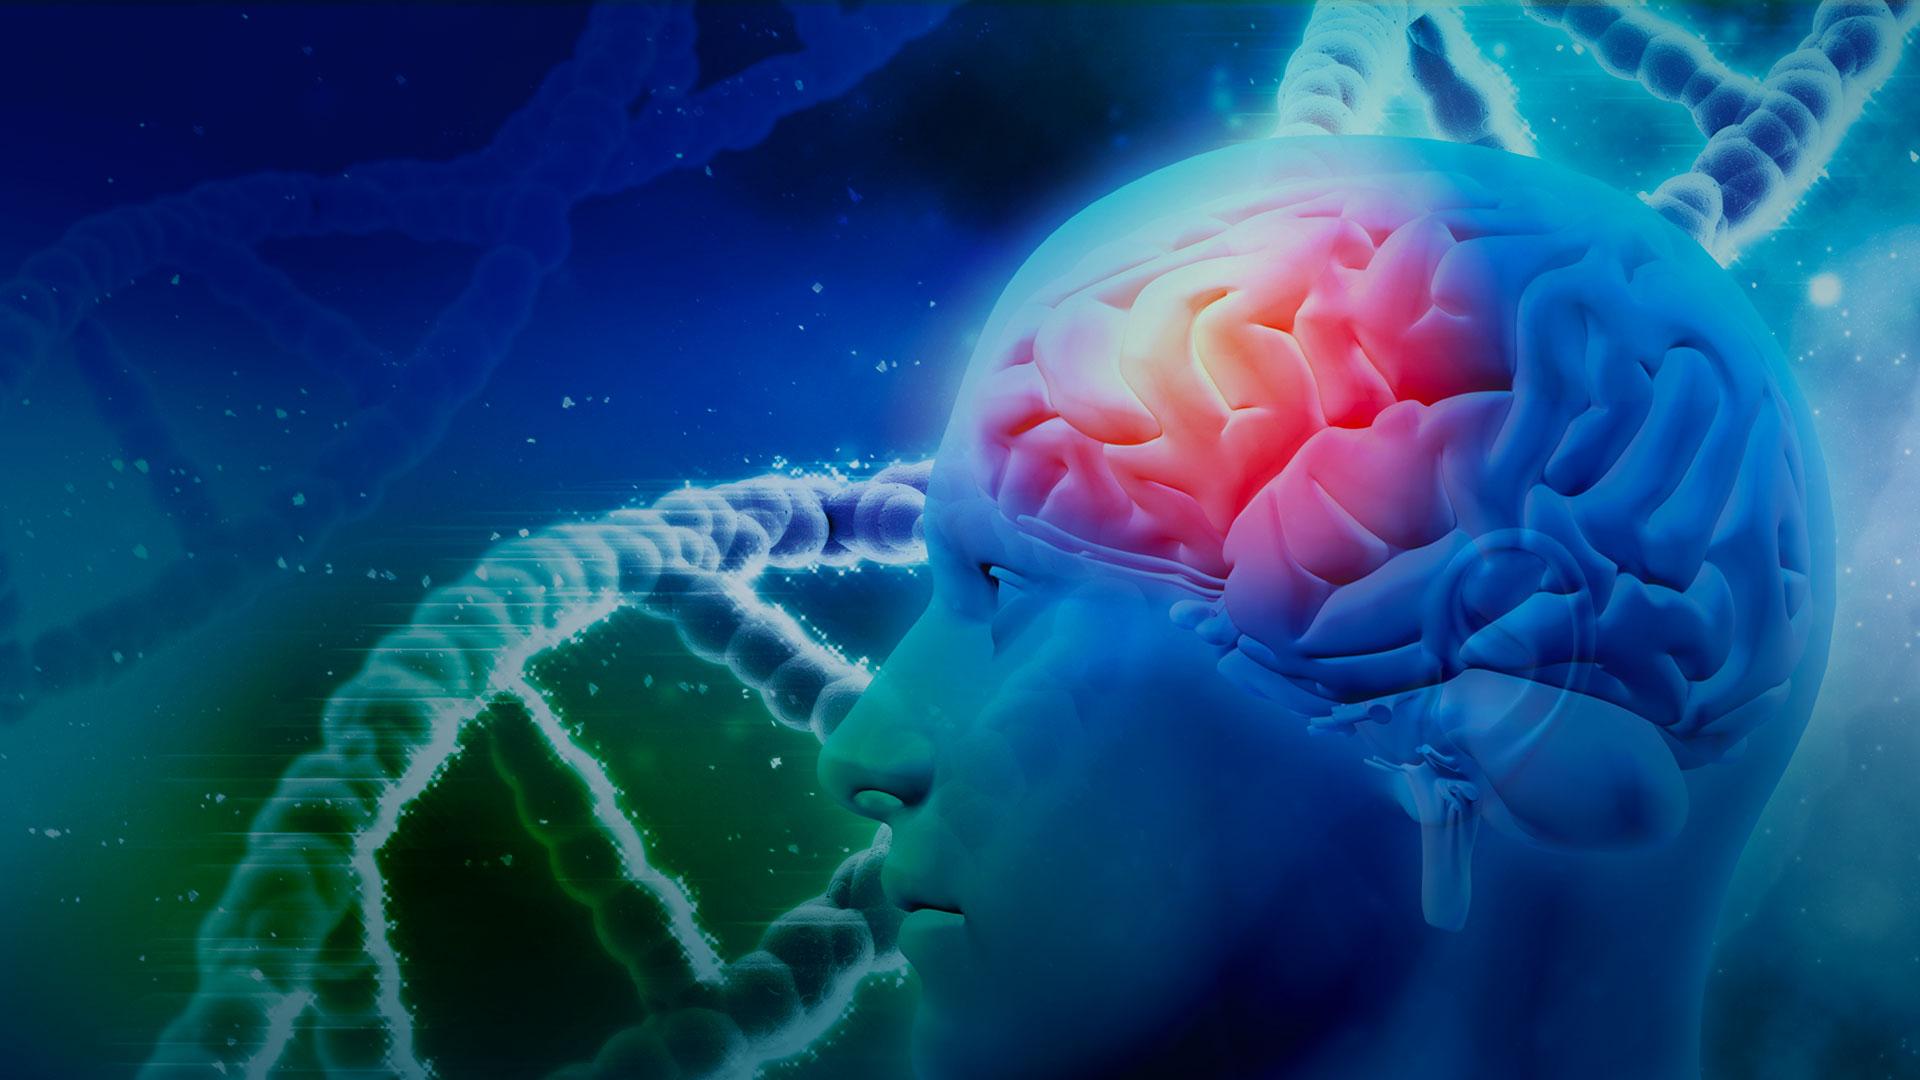 Câncer Cerebral pode ser hereditário?